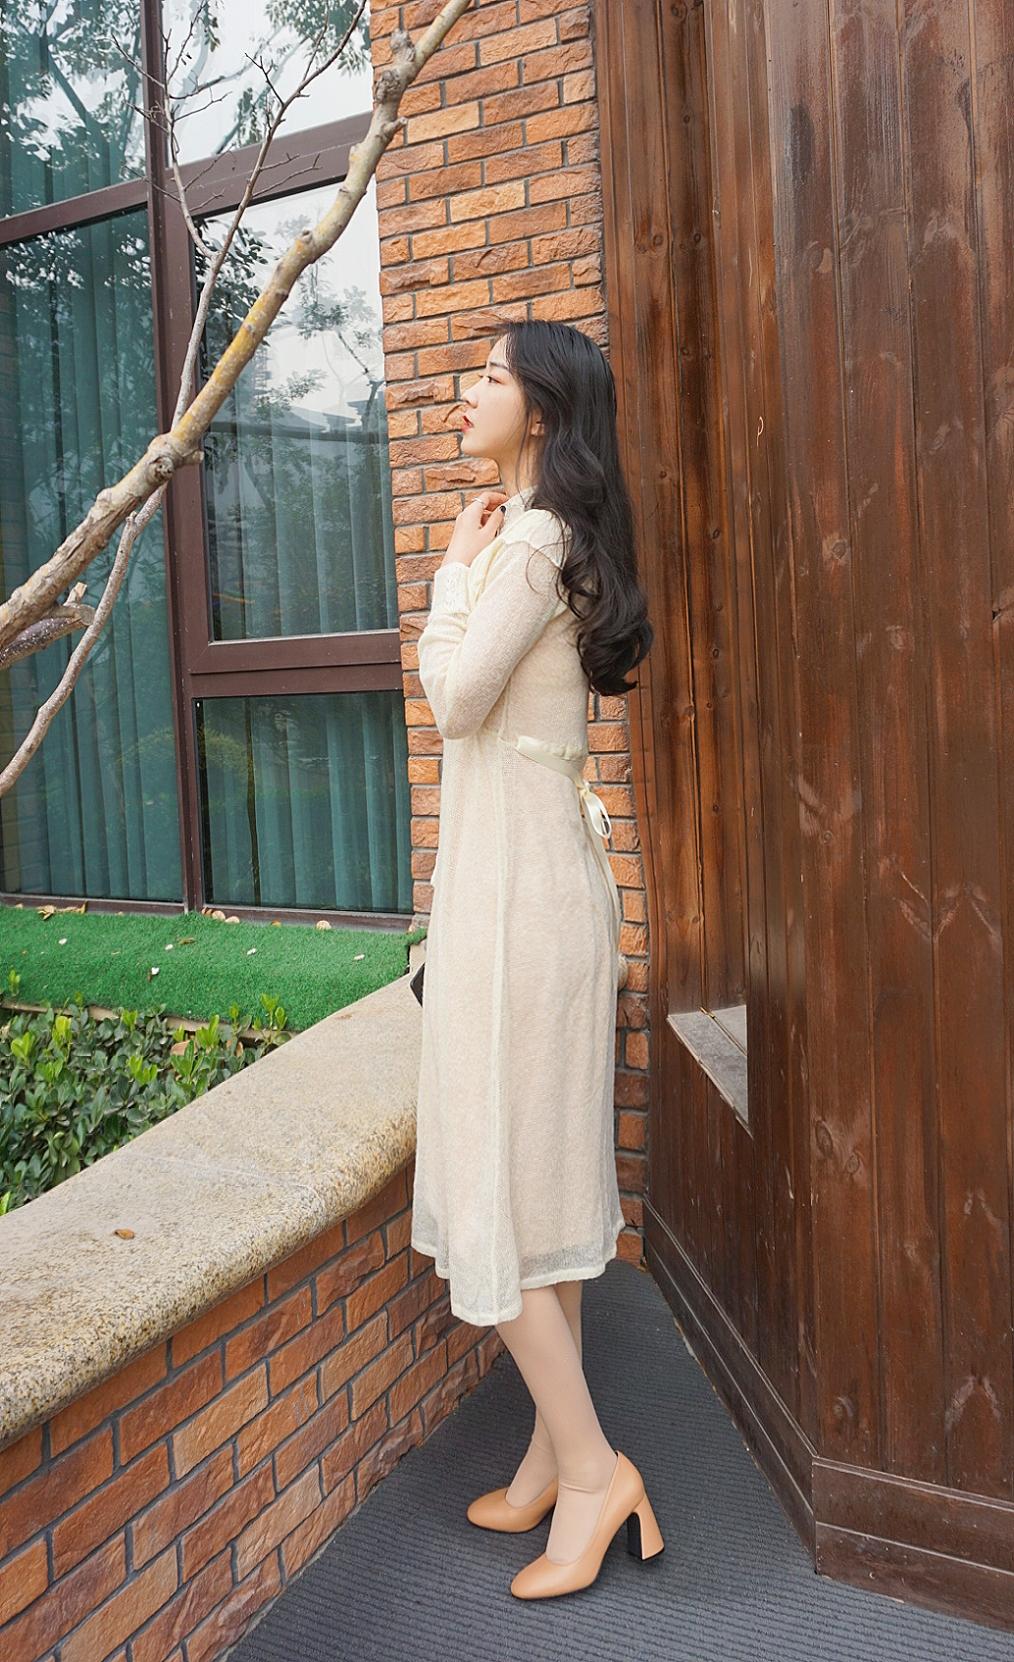 《复古针织连衣裙》娴静犹如花照水,行动好比风扶柳。